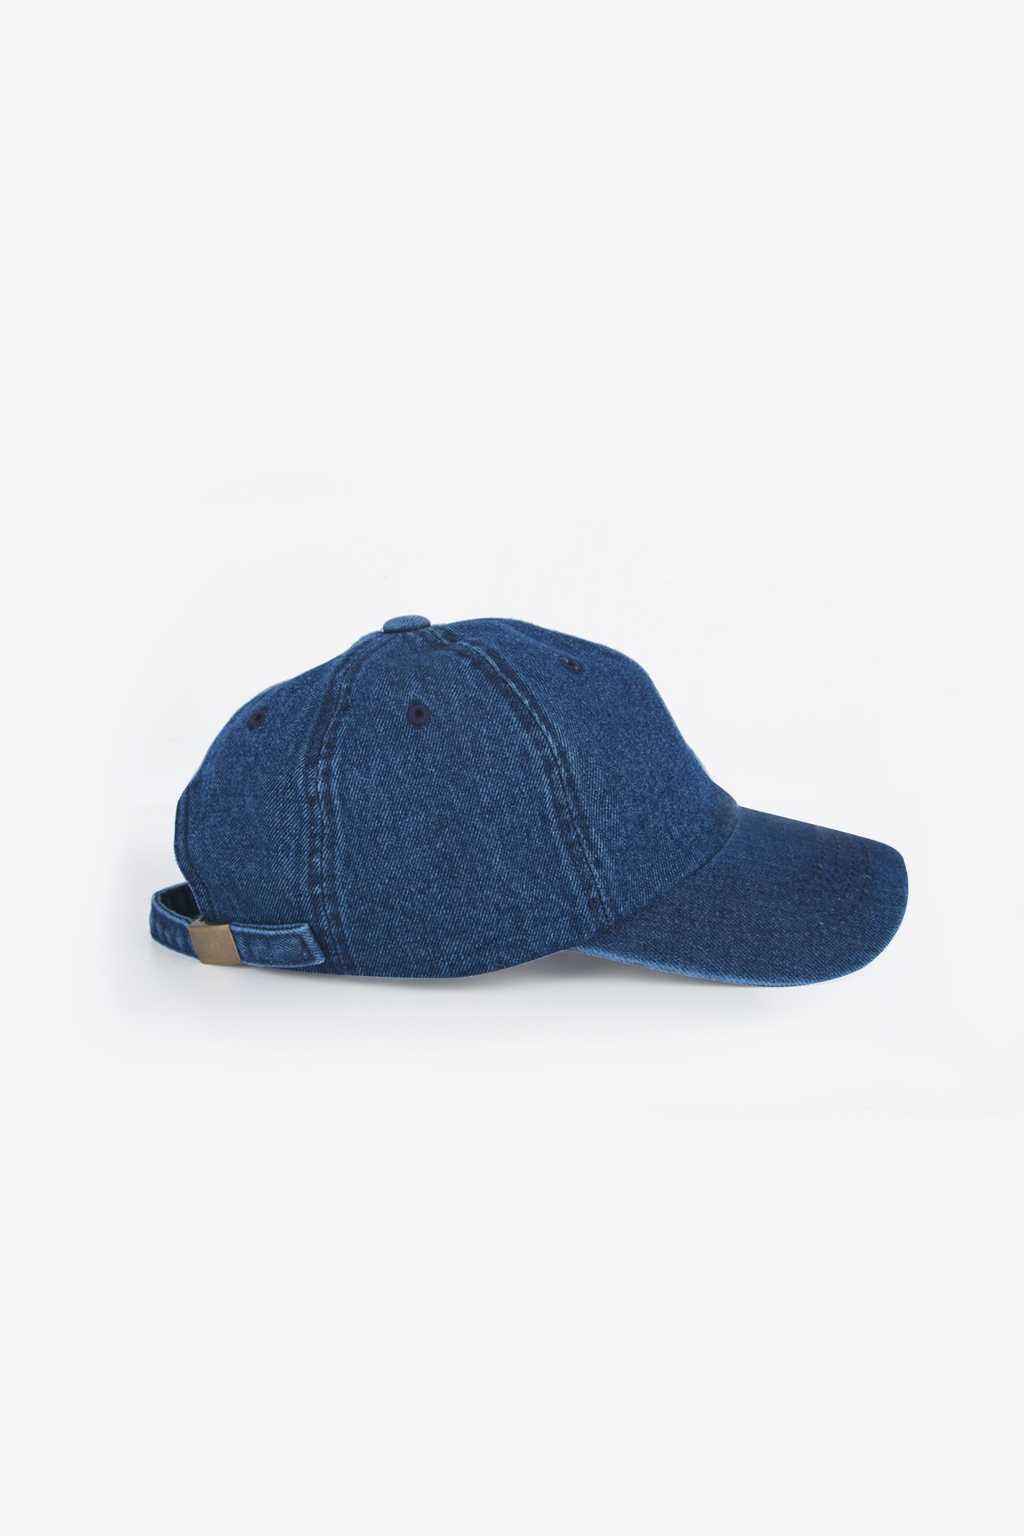 Hat H002 Indigo 3